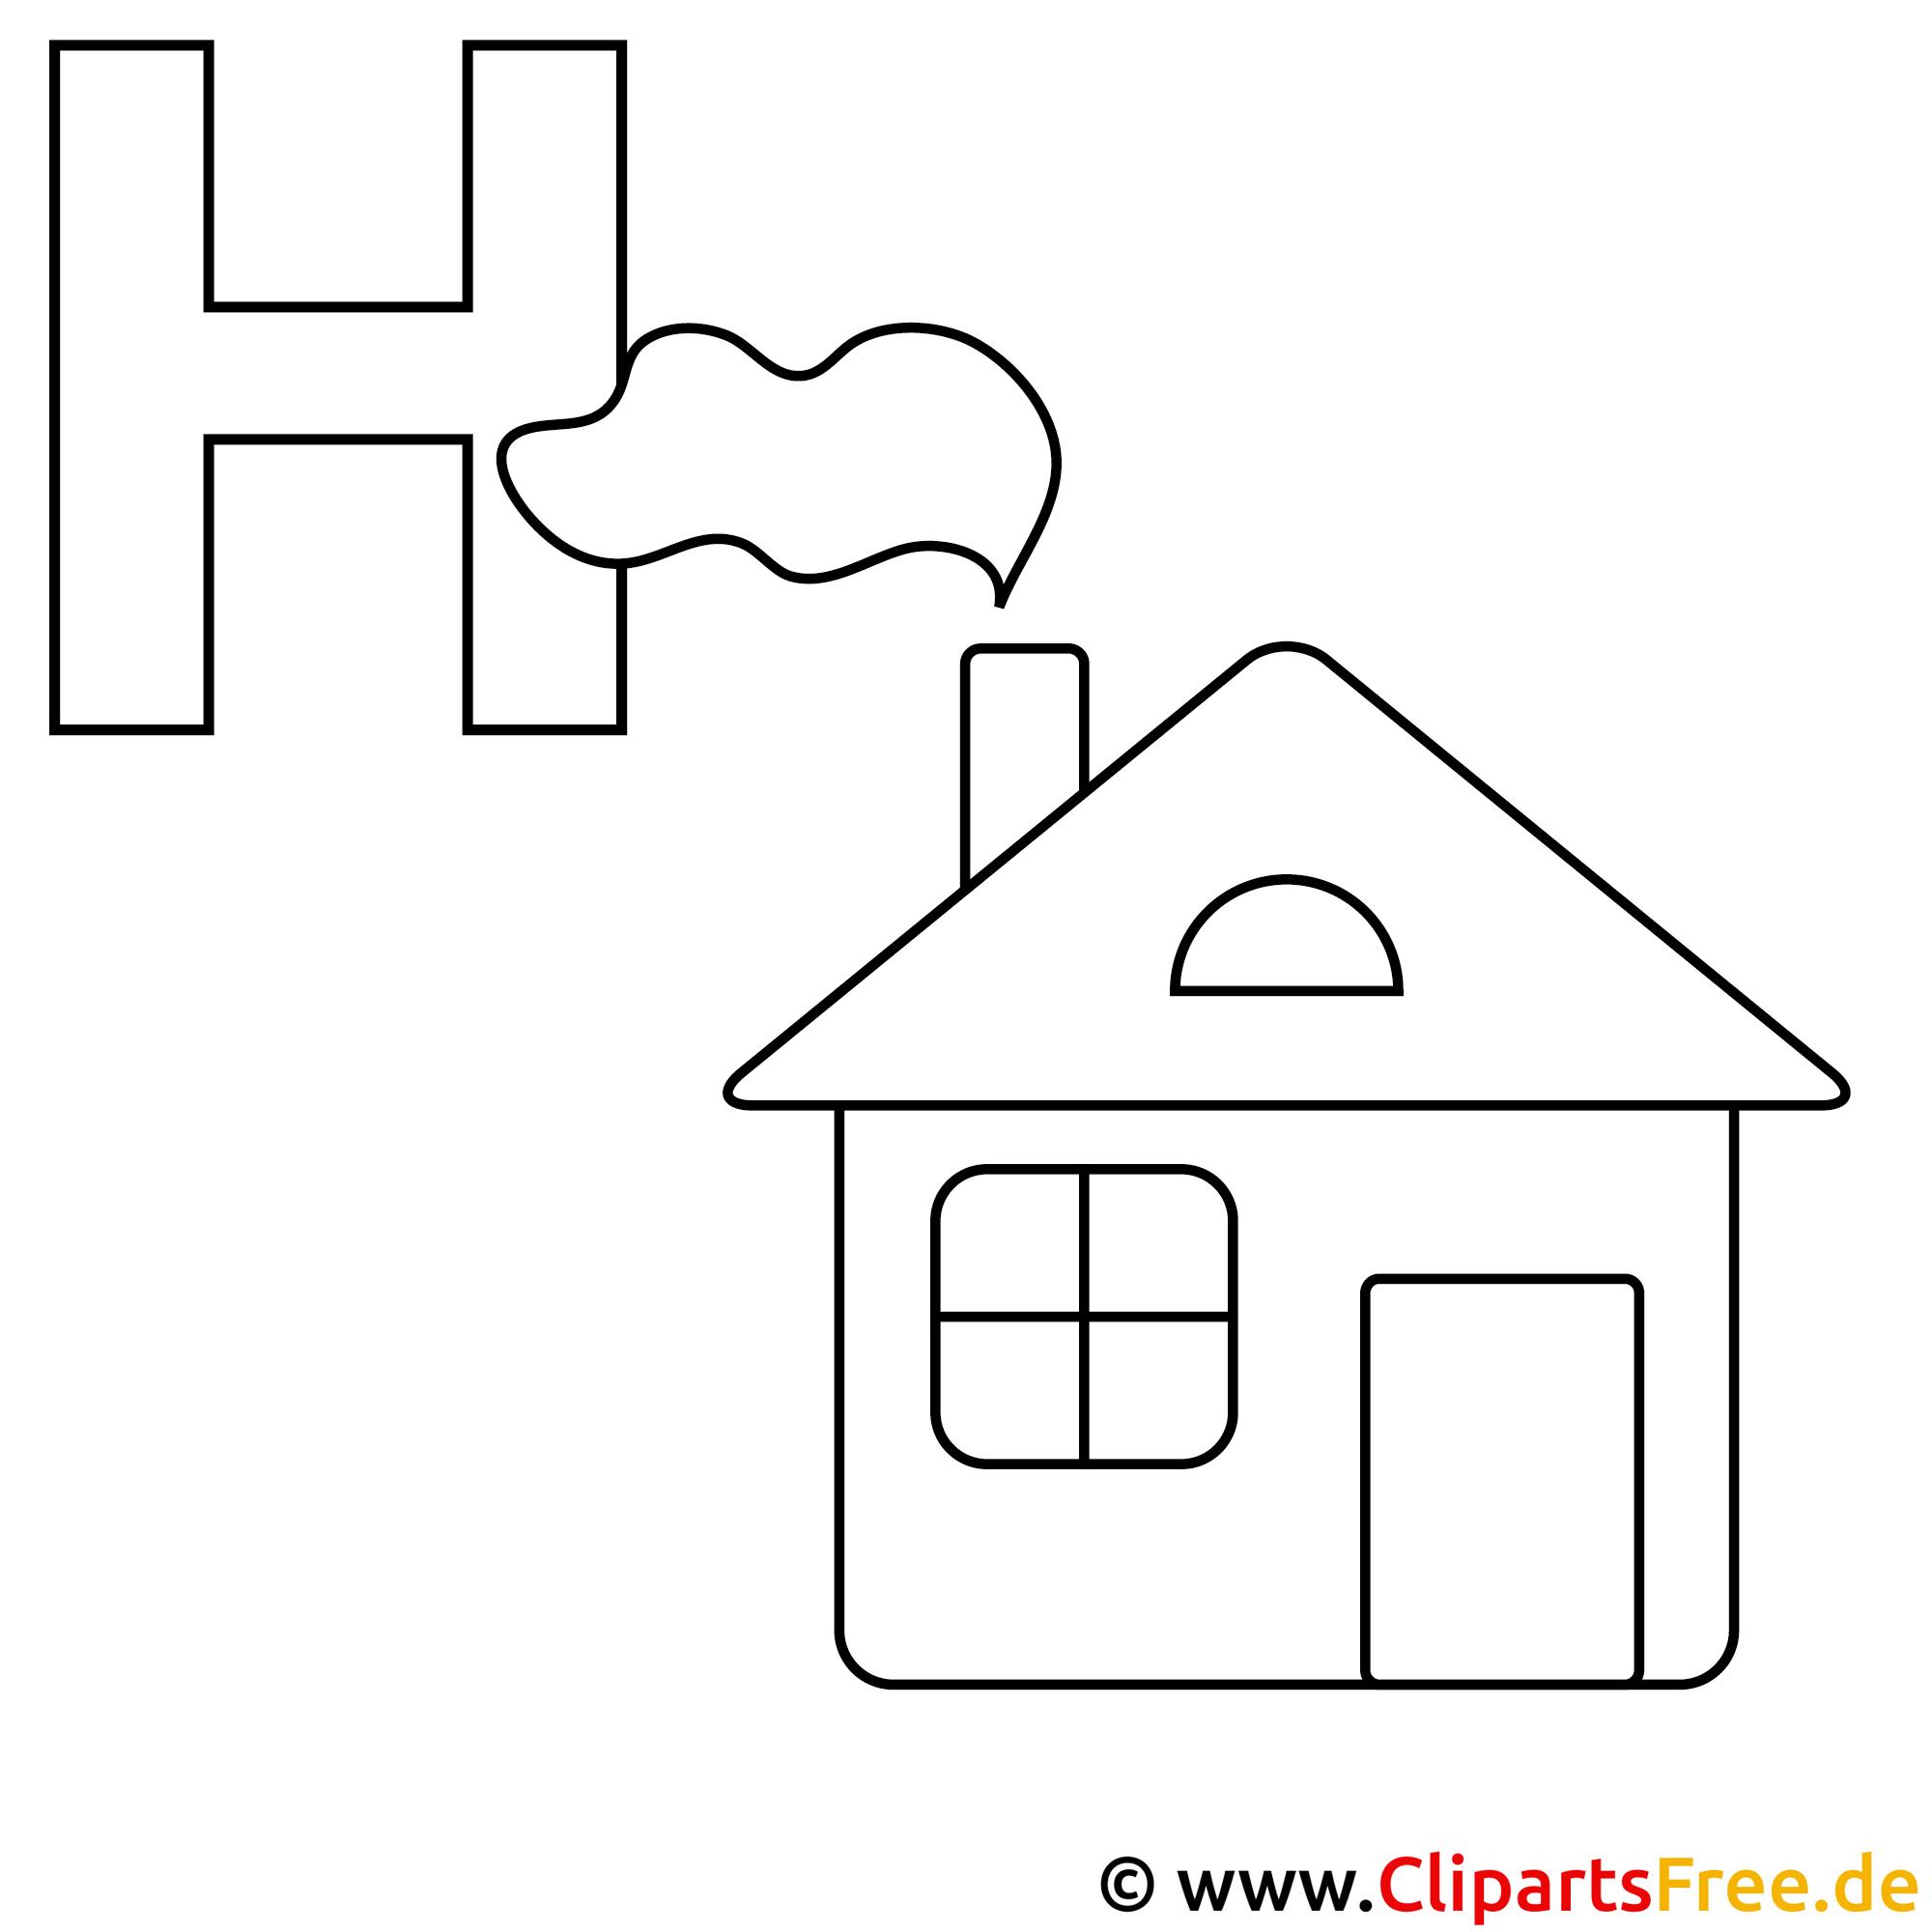 Haus Ausmalbild - Buchstaben Vorlagen kostenlos